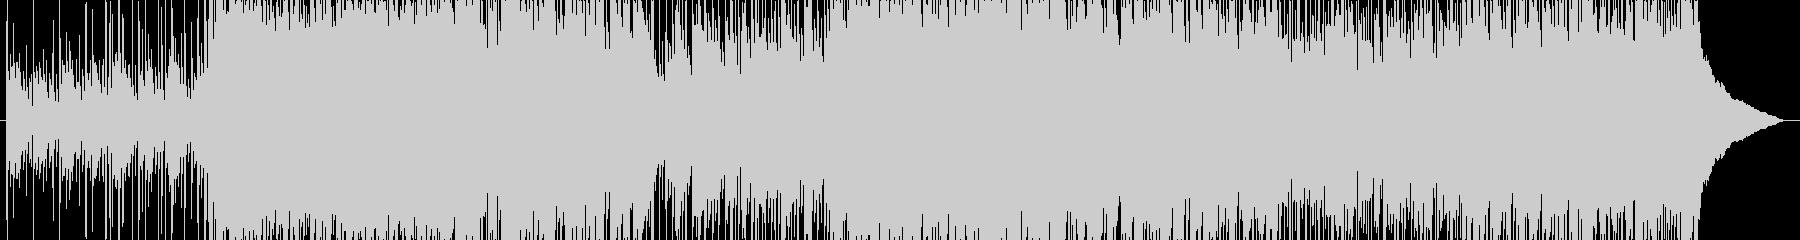 【ピアノ・ロック】映像オープニング向けの未再生の波形